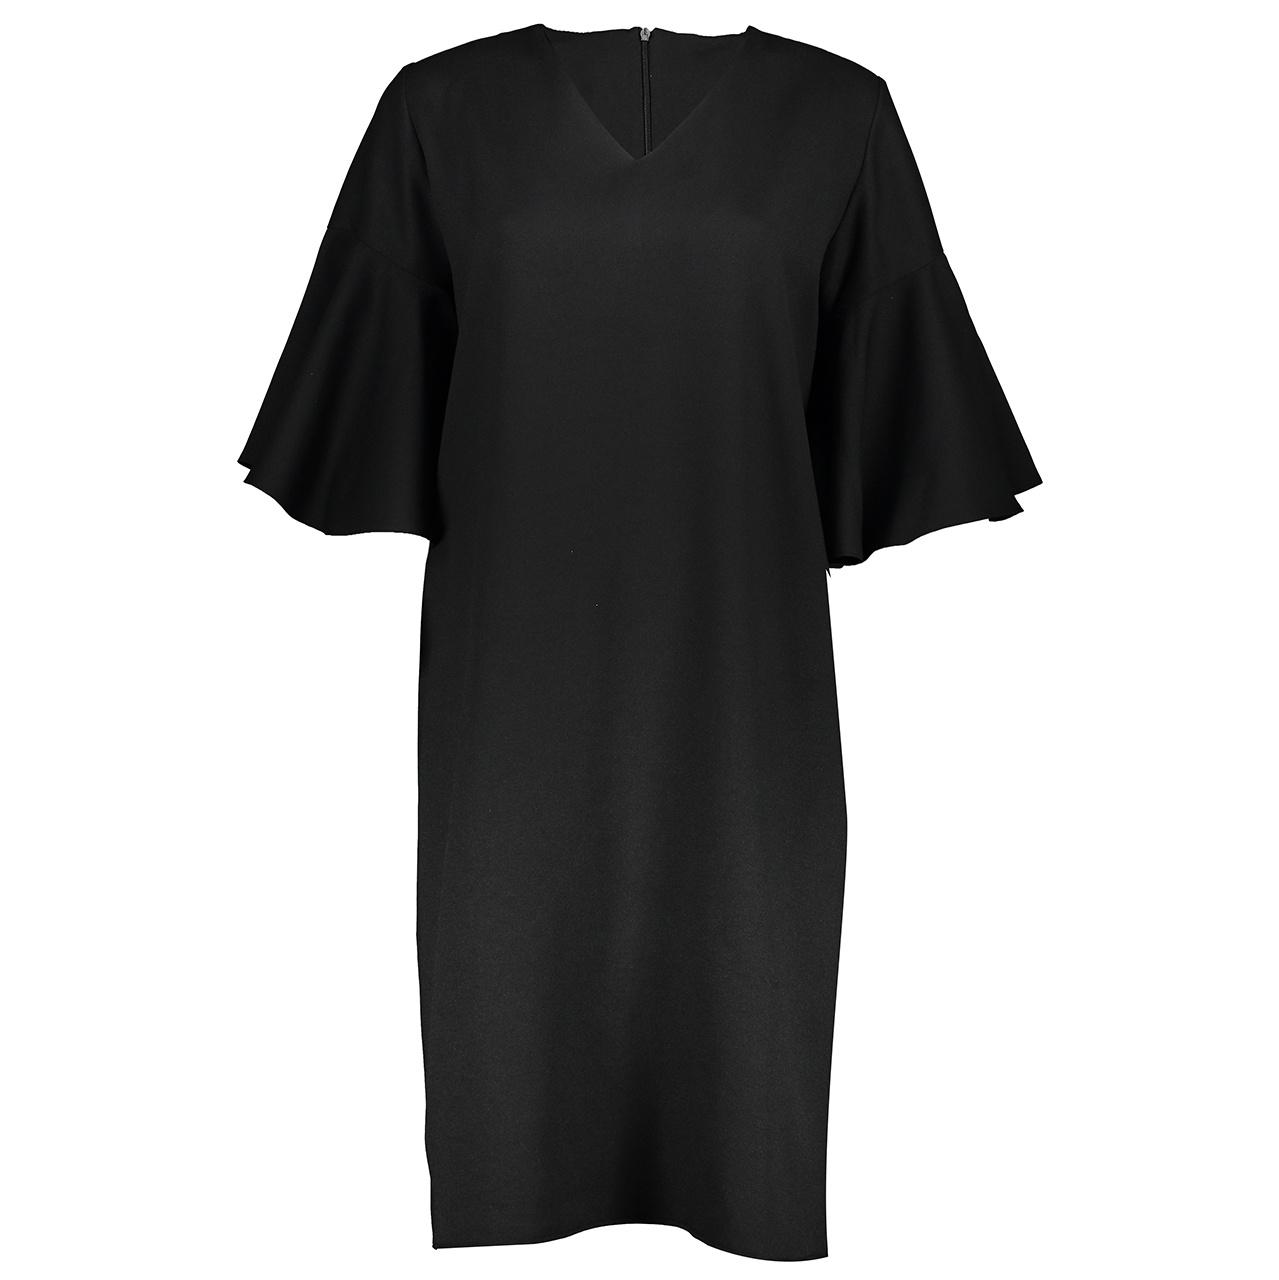 خرید ارزان پیراهن زنانه لیکو مدل 1201112-99